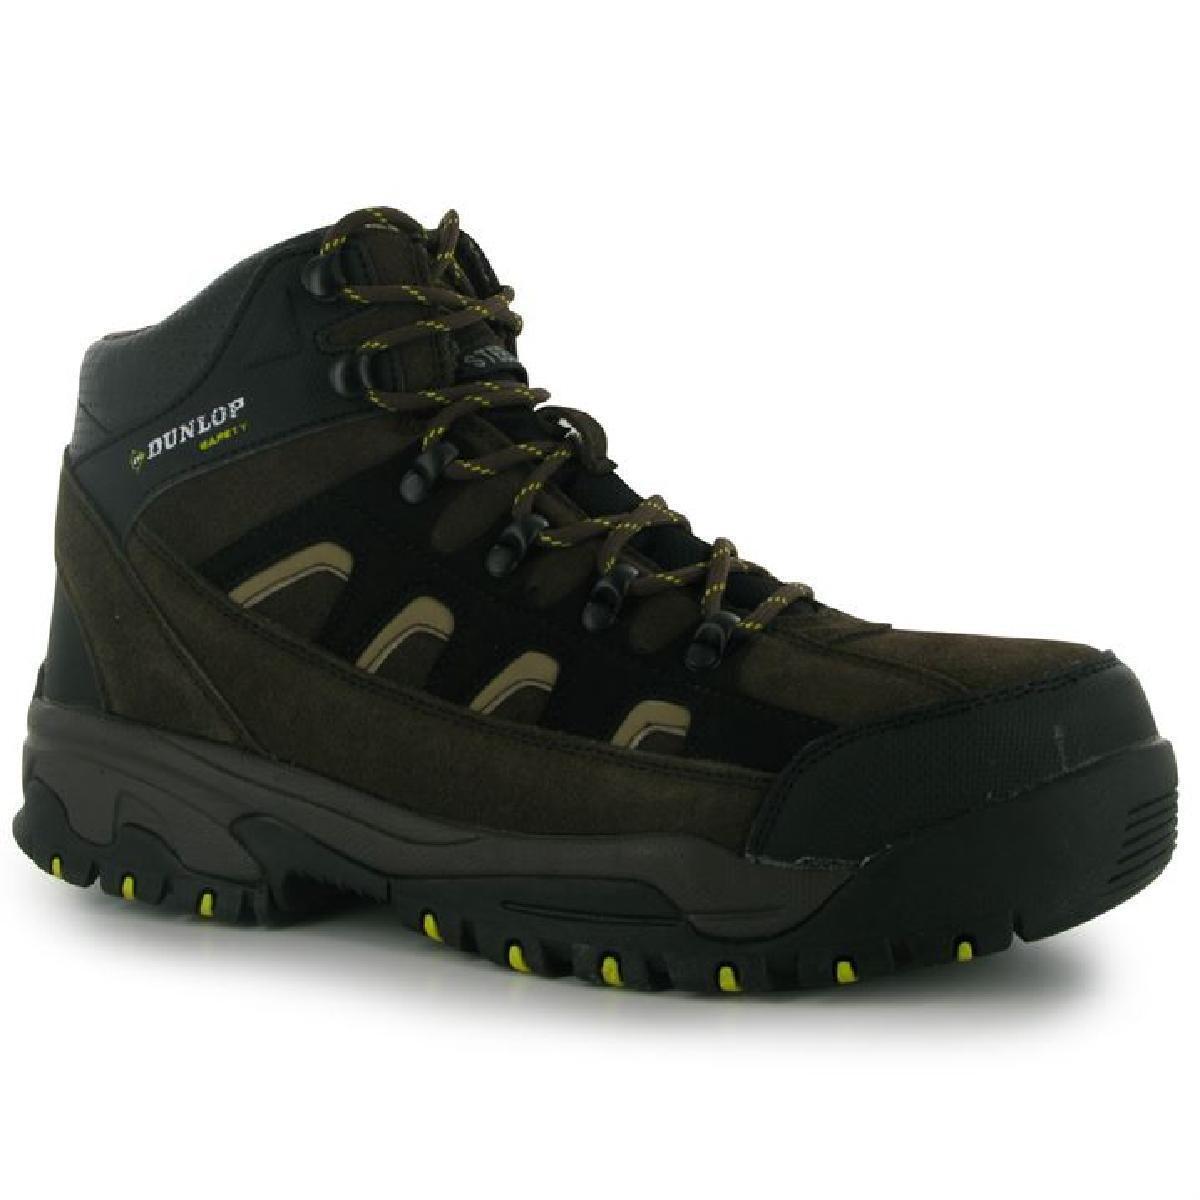 Dunlop Sicurezza Scarpe Stivali di Sicurezza Scarpe lavoro lavoro lavoro Safety scarpe Nuovo Hiker | prezzo al minuto  c5932c